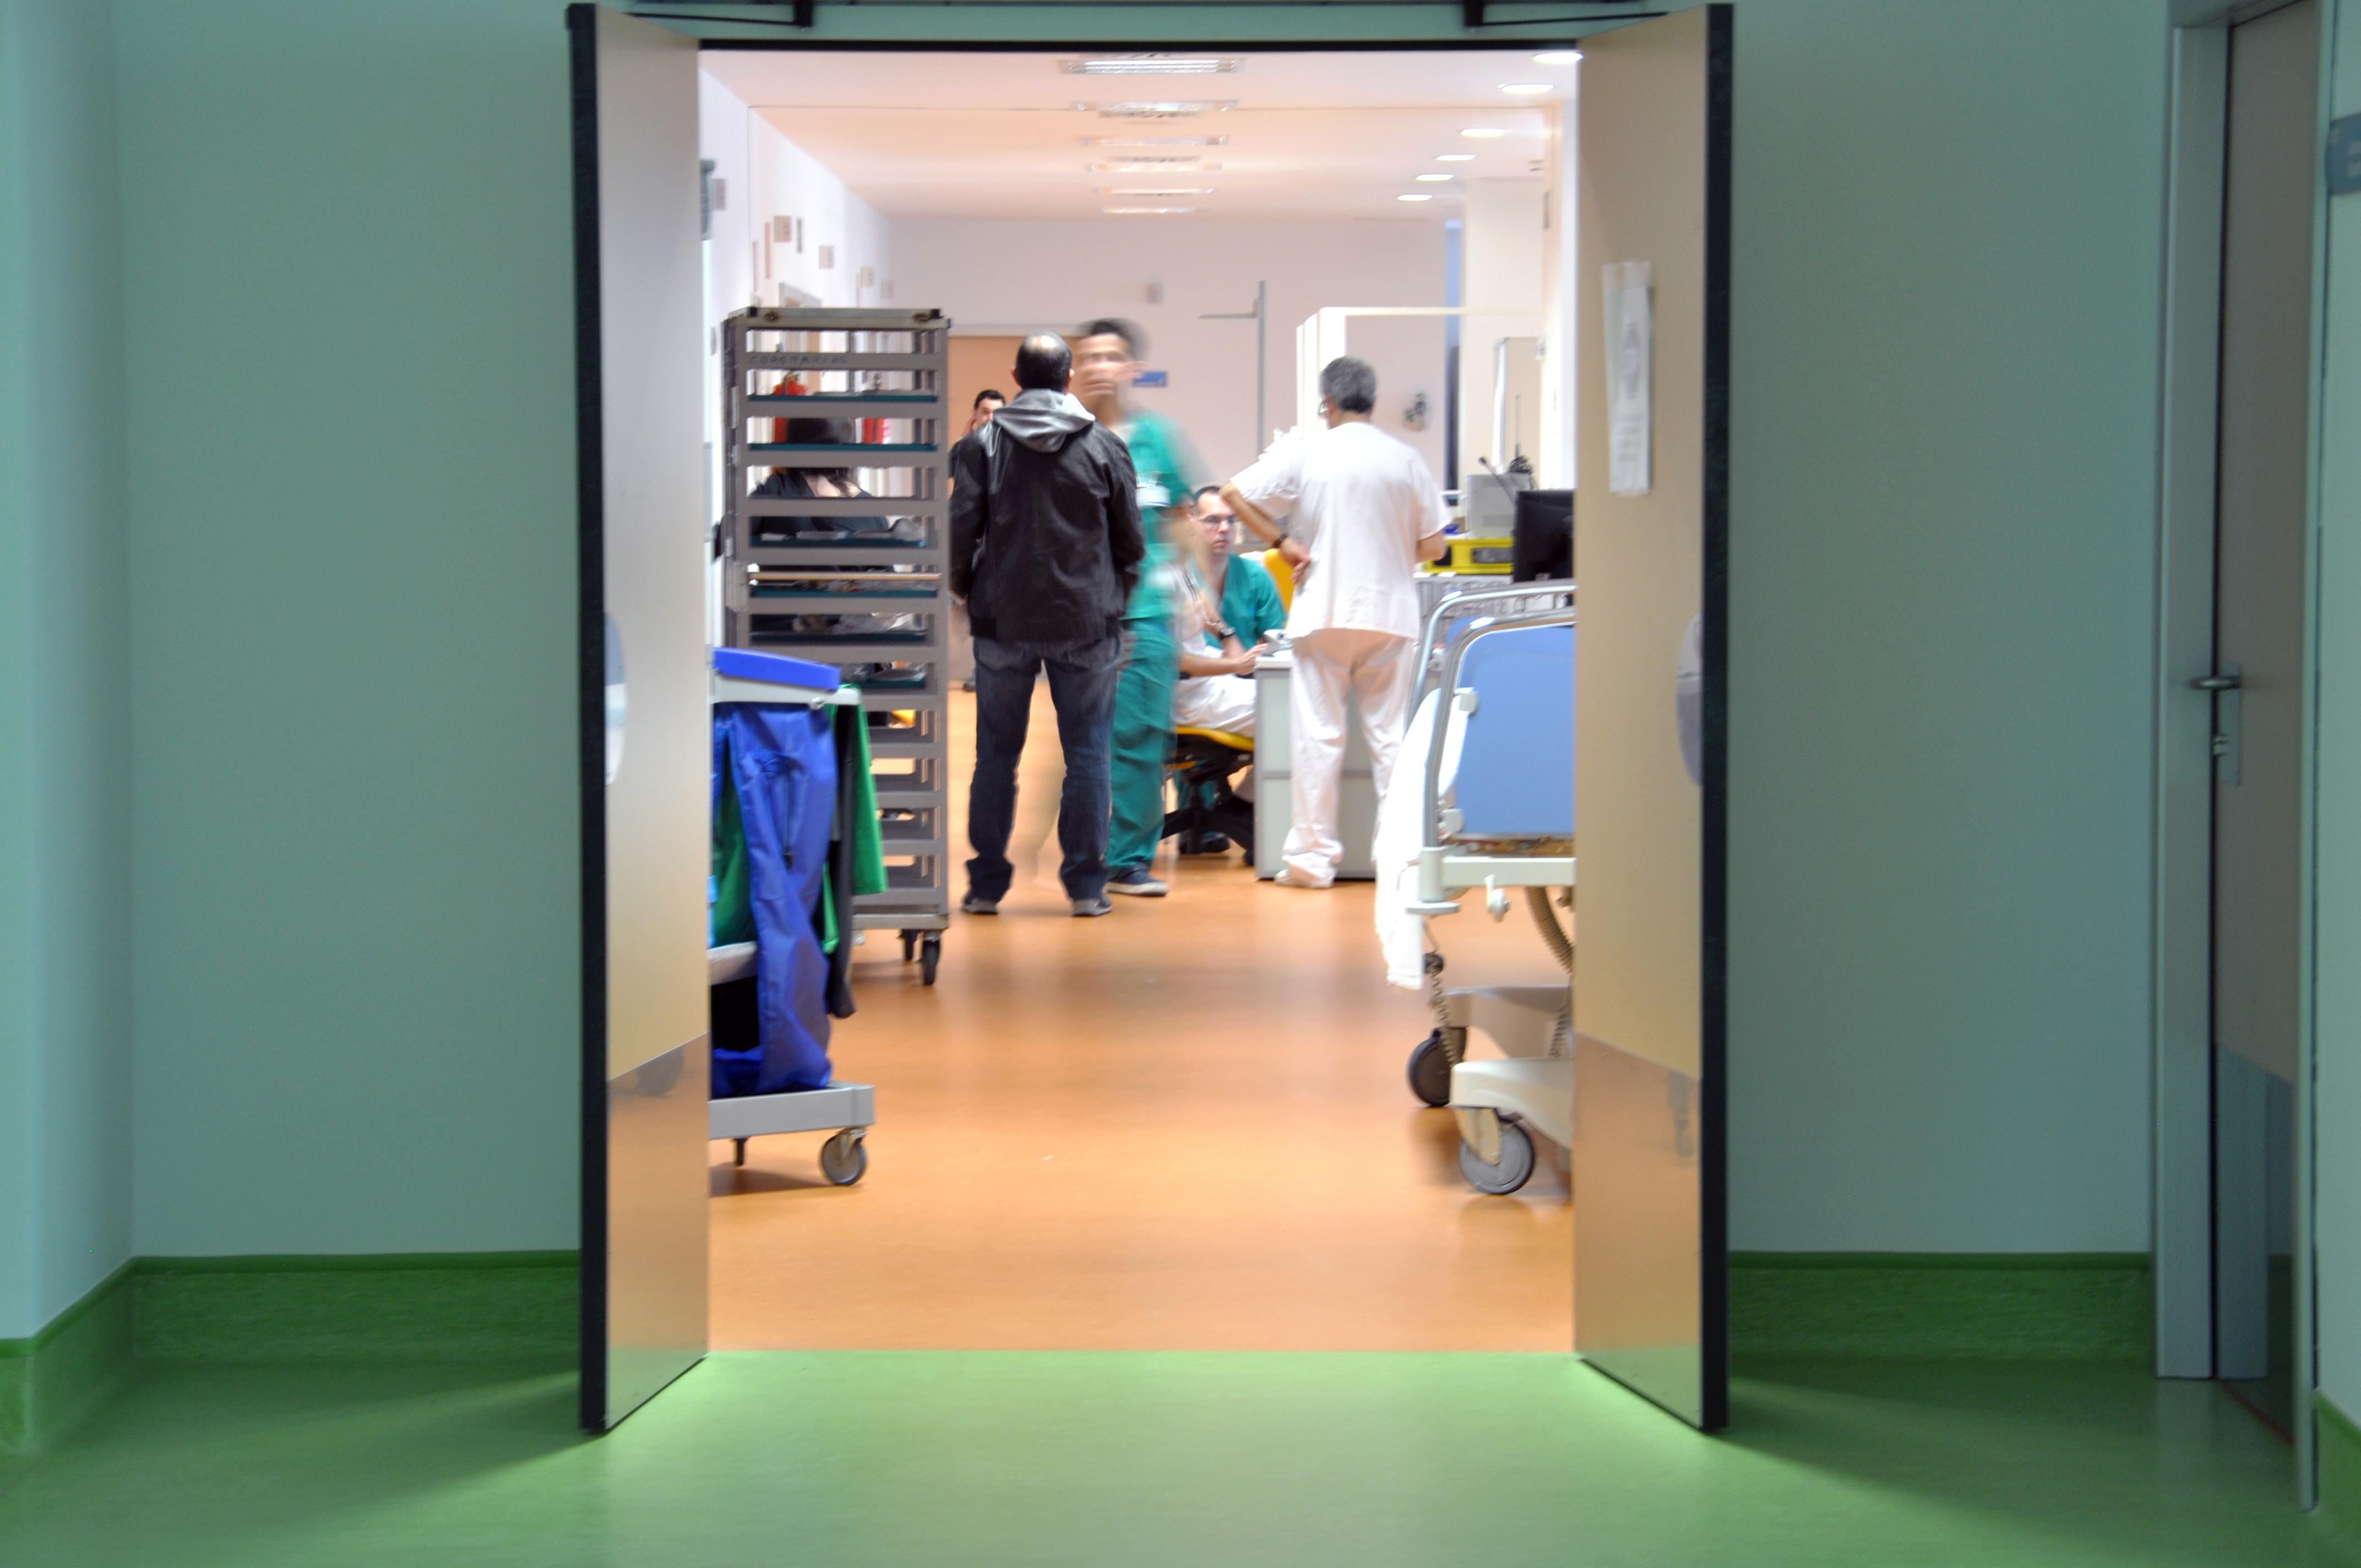 Los alumnos de Enfermería de centros privados podrán realizar prácticas en los hospitales públicos valencianos